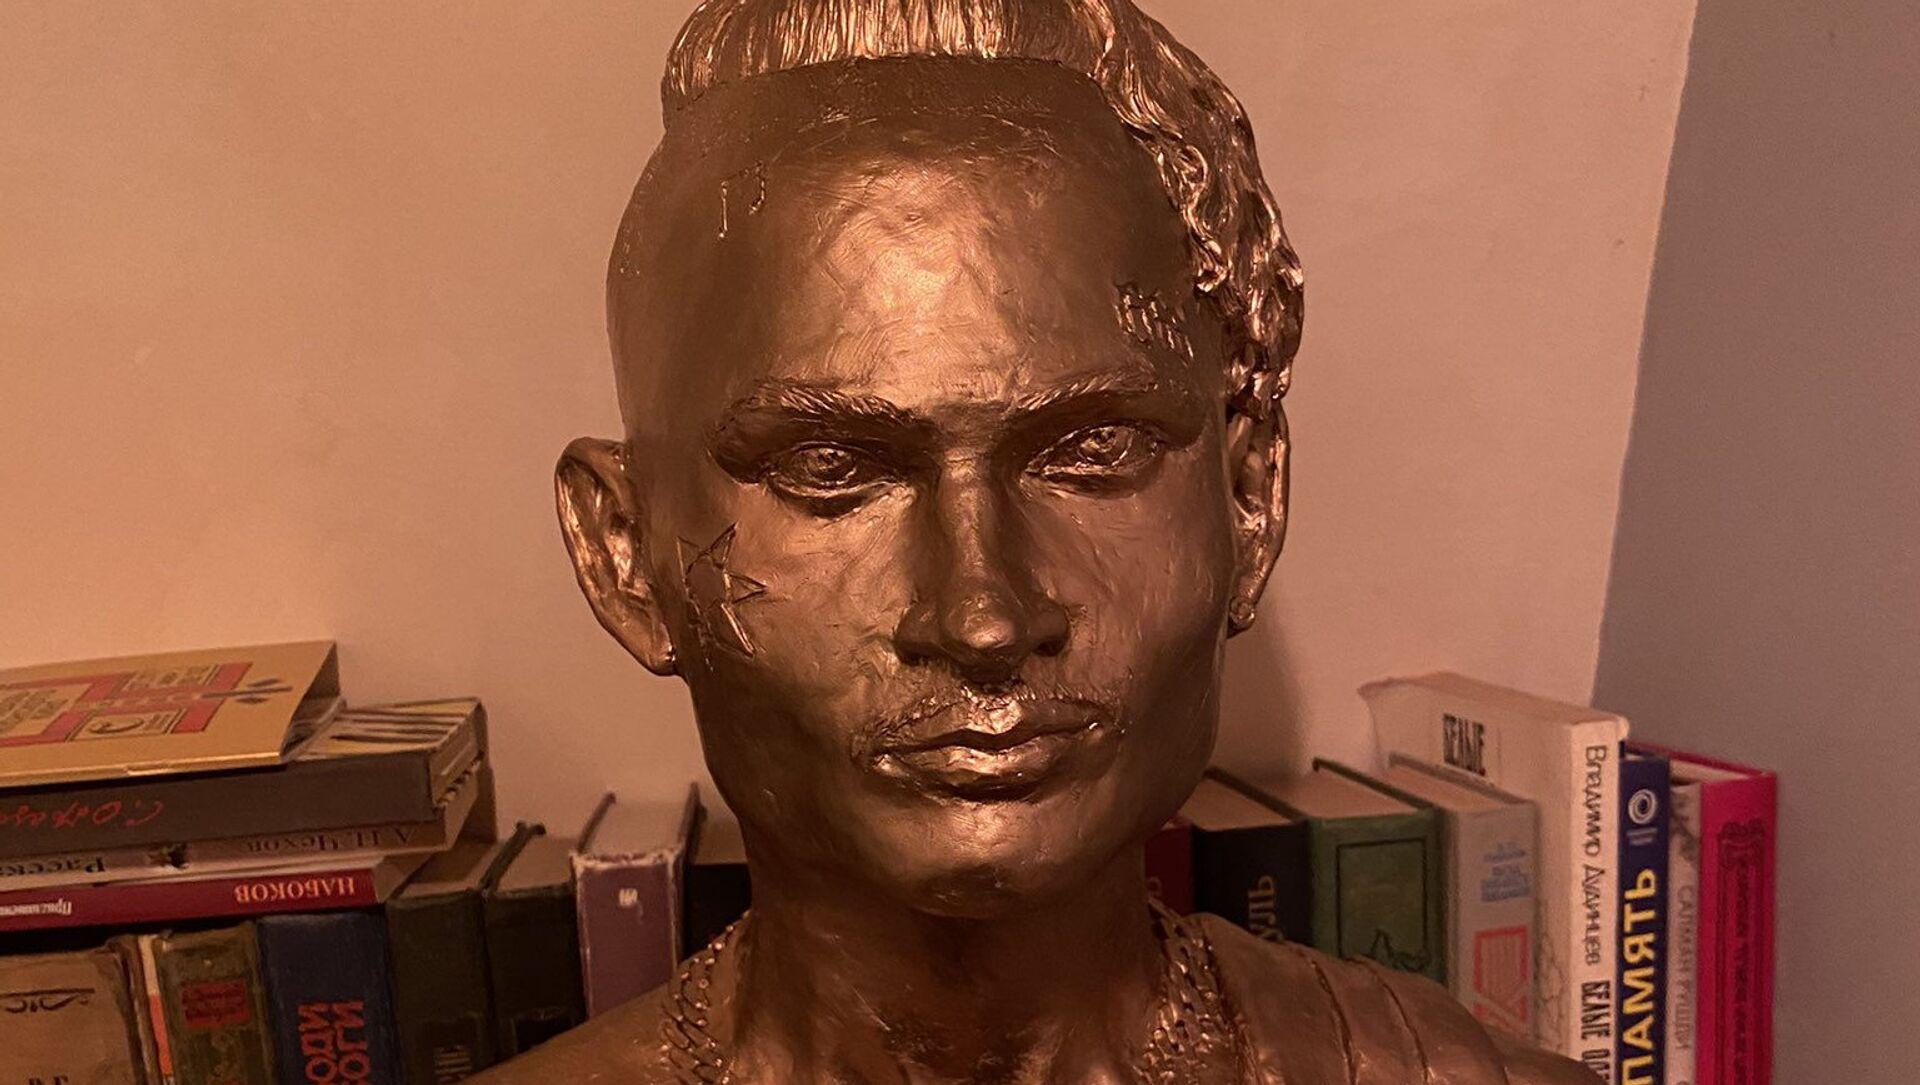 Цена славы: в Петербурге появился памятник Моргенштерну - Sputnik Беларусь, 1920, 20.02.2021